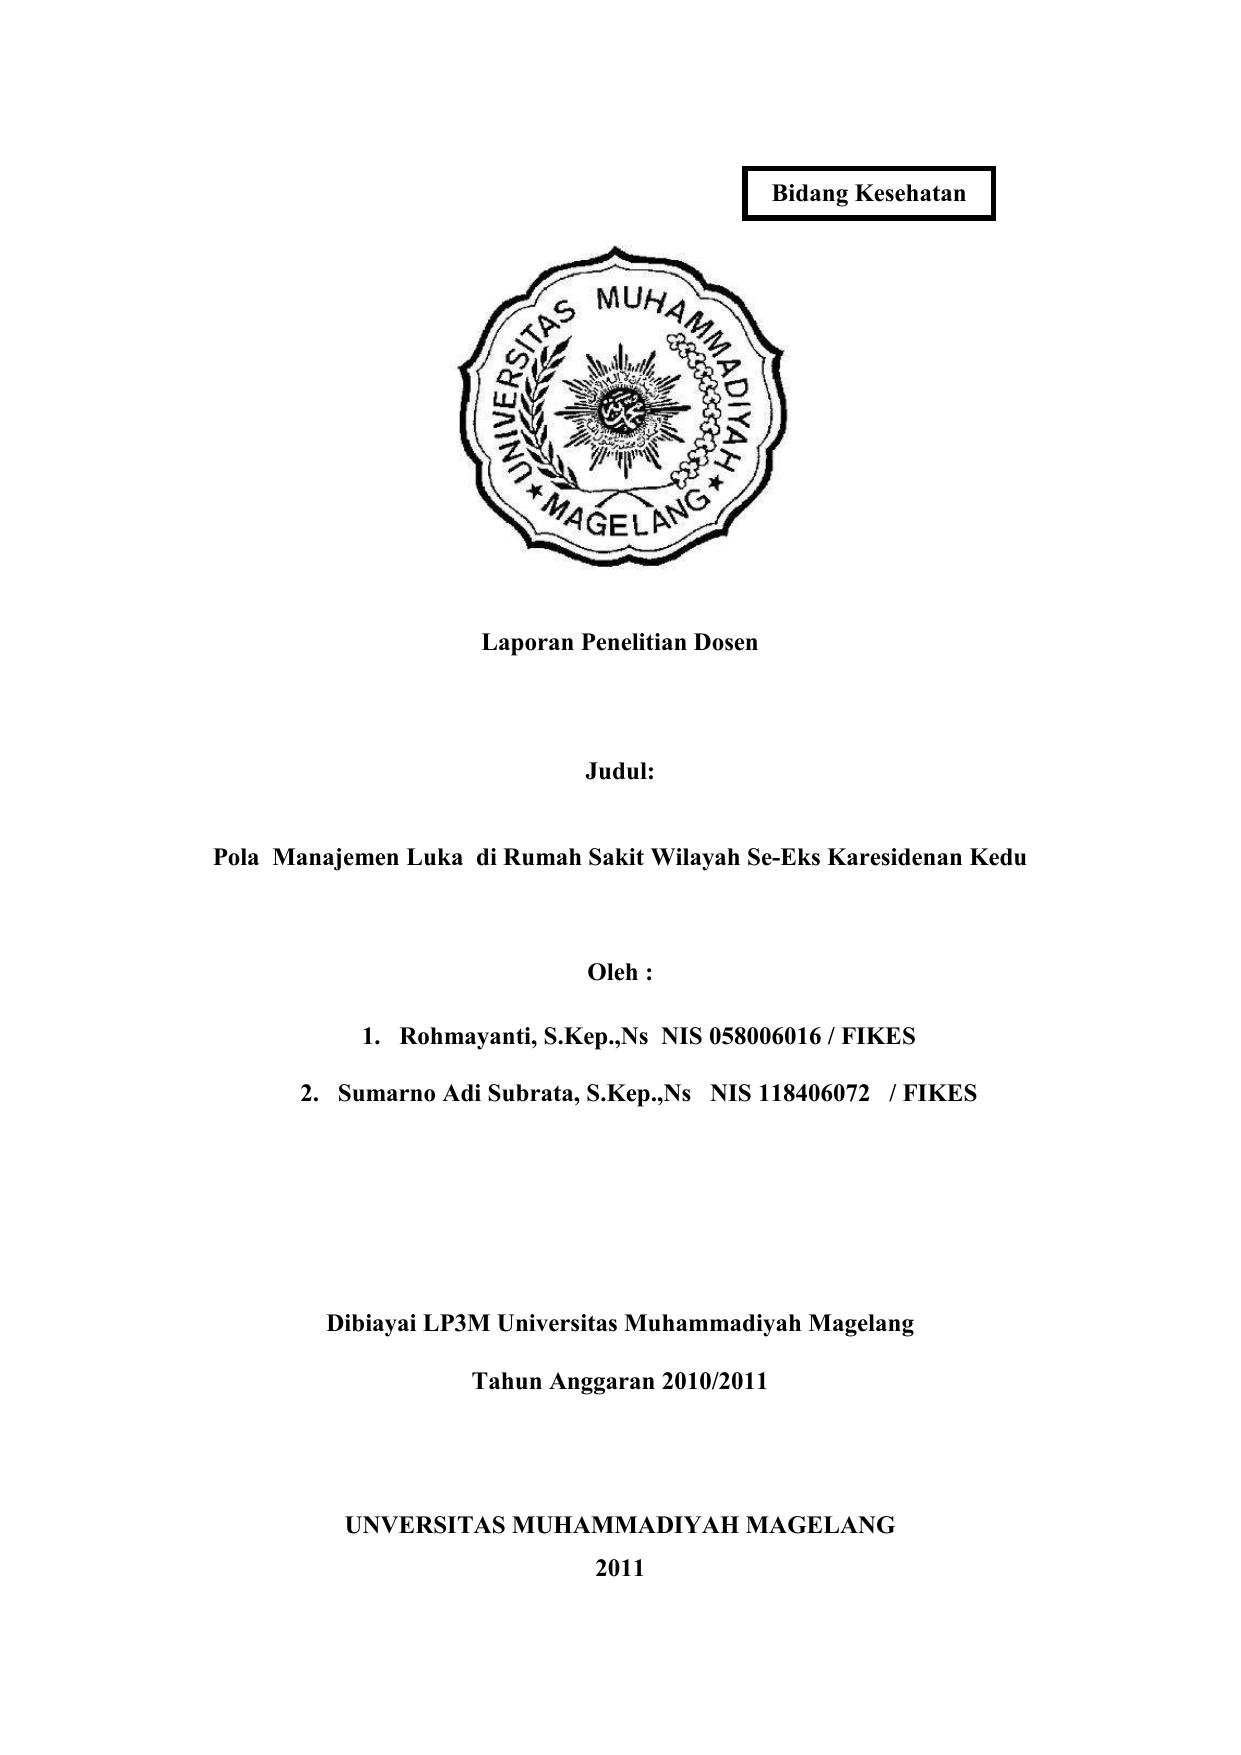 Contoh Proposal Skripsi Manajemen Sdm Bab 3 Kumpulan Berbagai Skripsi